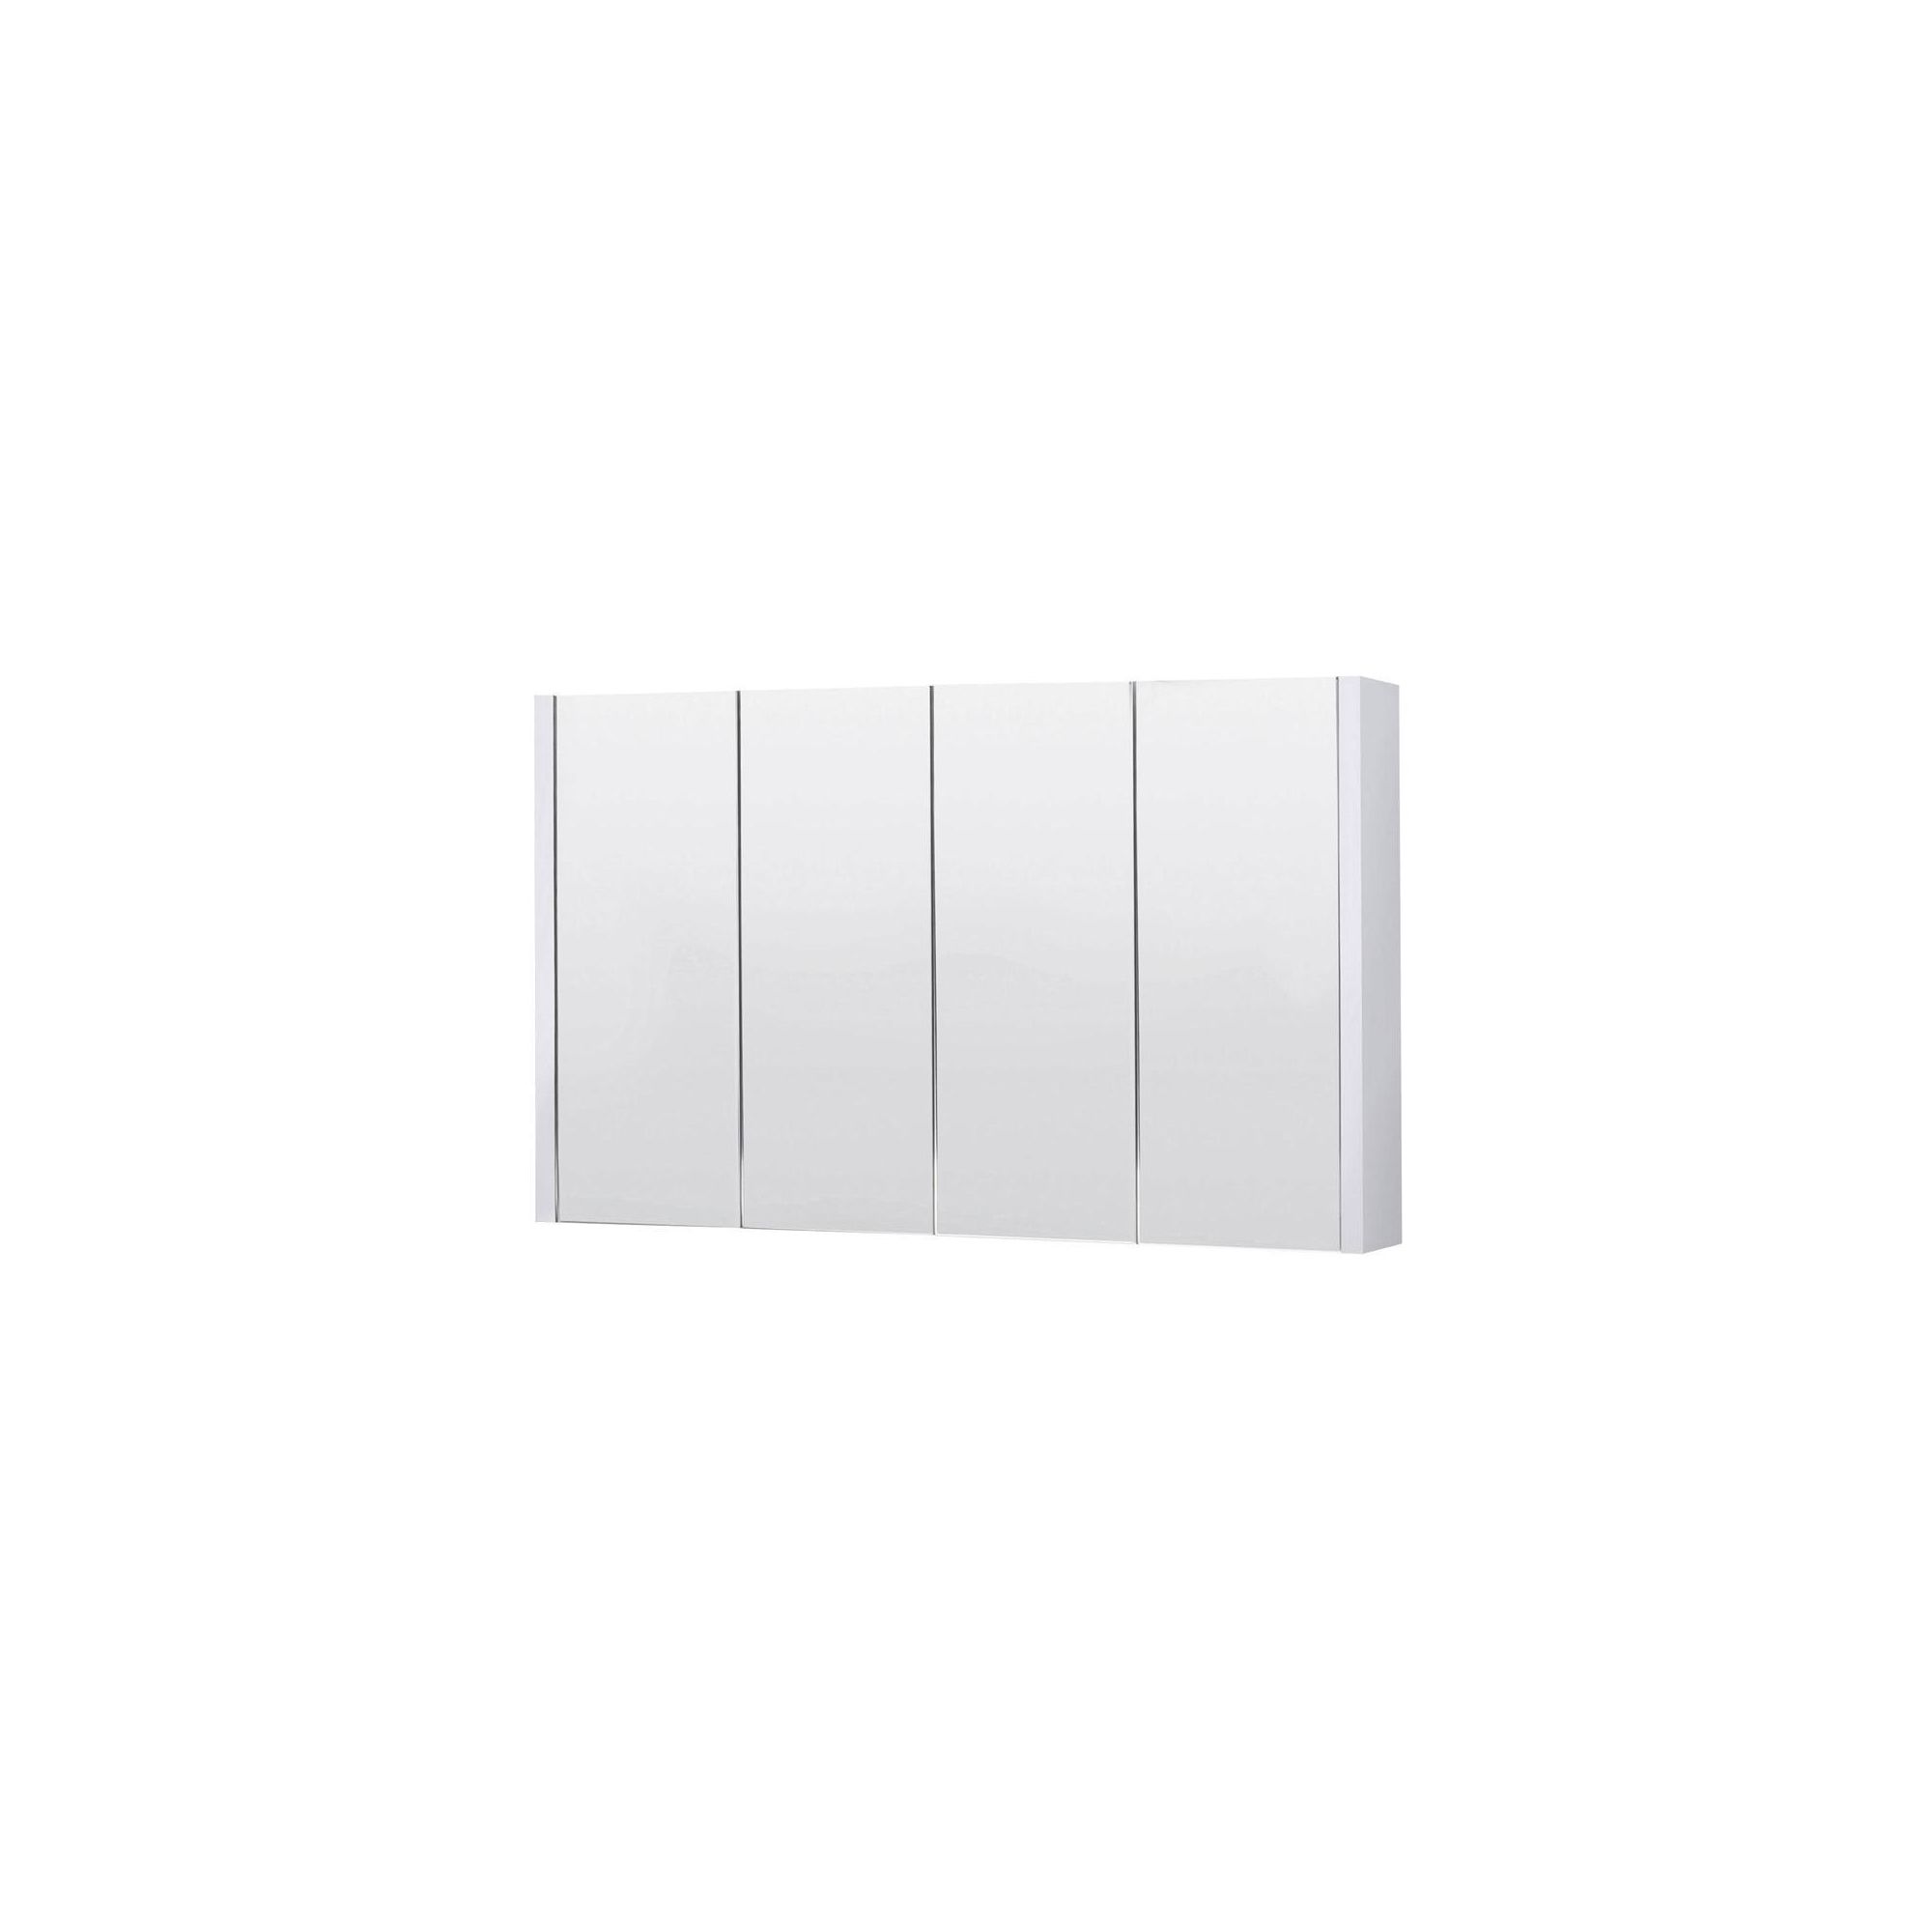 Premier 4 Door Mirrored Bathroom Cabinet 1200mm Wide